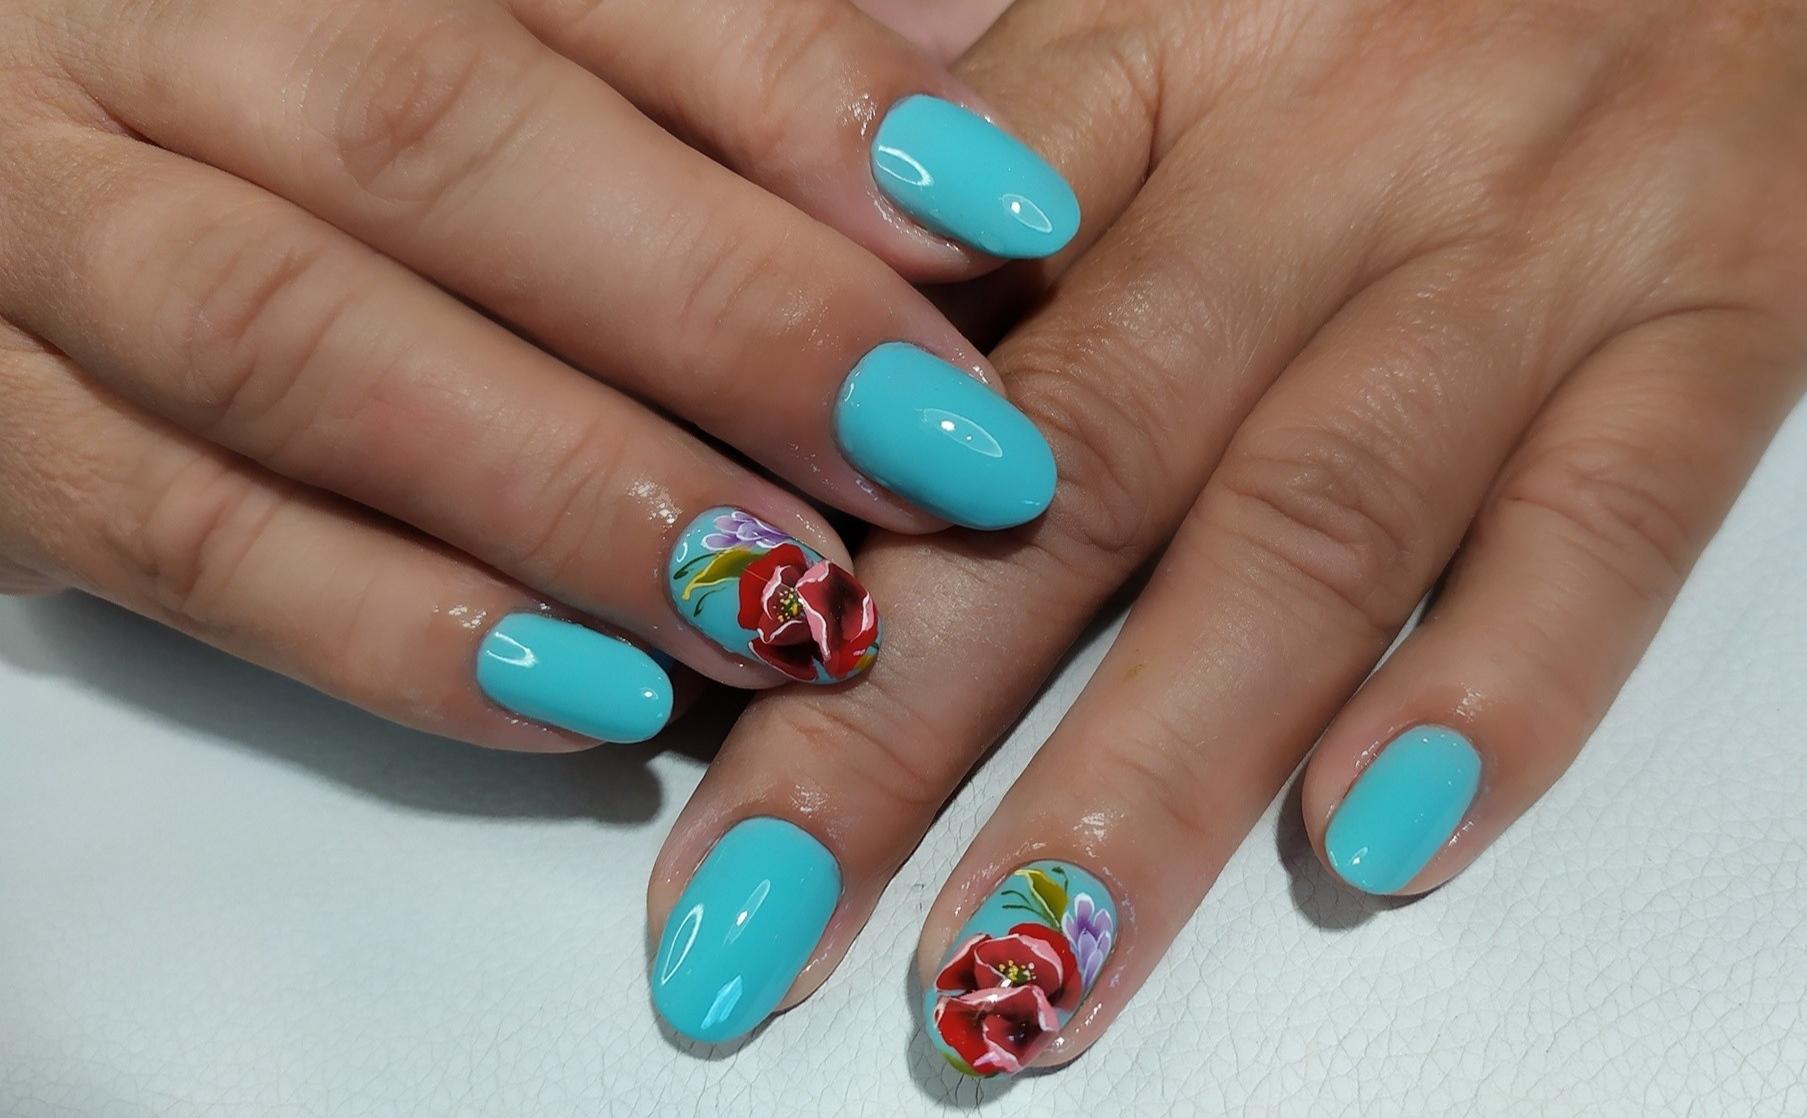 Маникюр с цветочным рисунком в голубом цвете на короткие ногти.